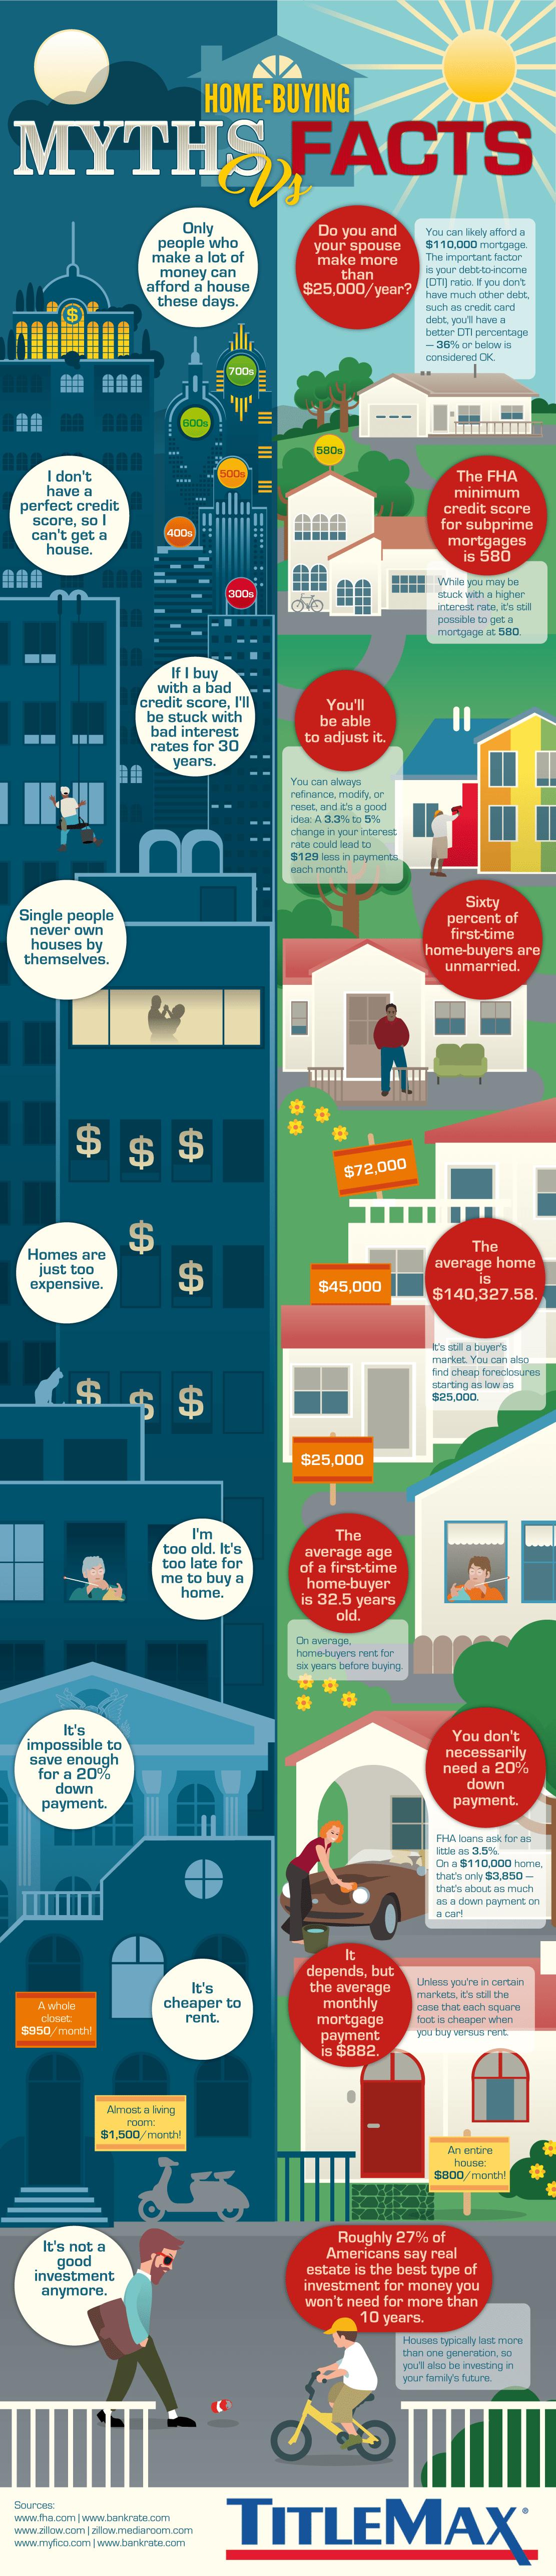 Mitos vs Fakta Membeli Rumah - TitleMax - Infografis - BeliSewaRumah